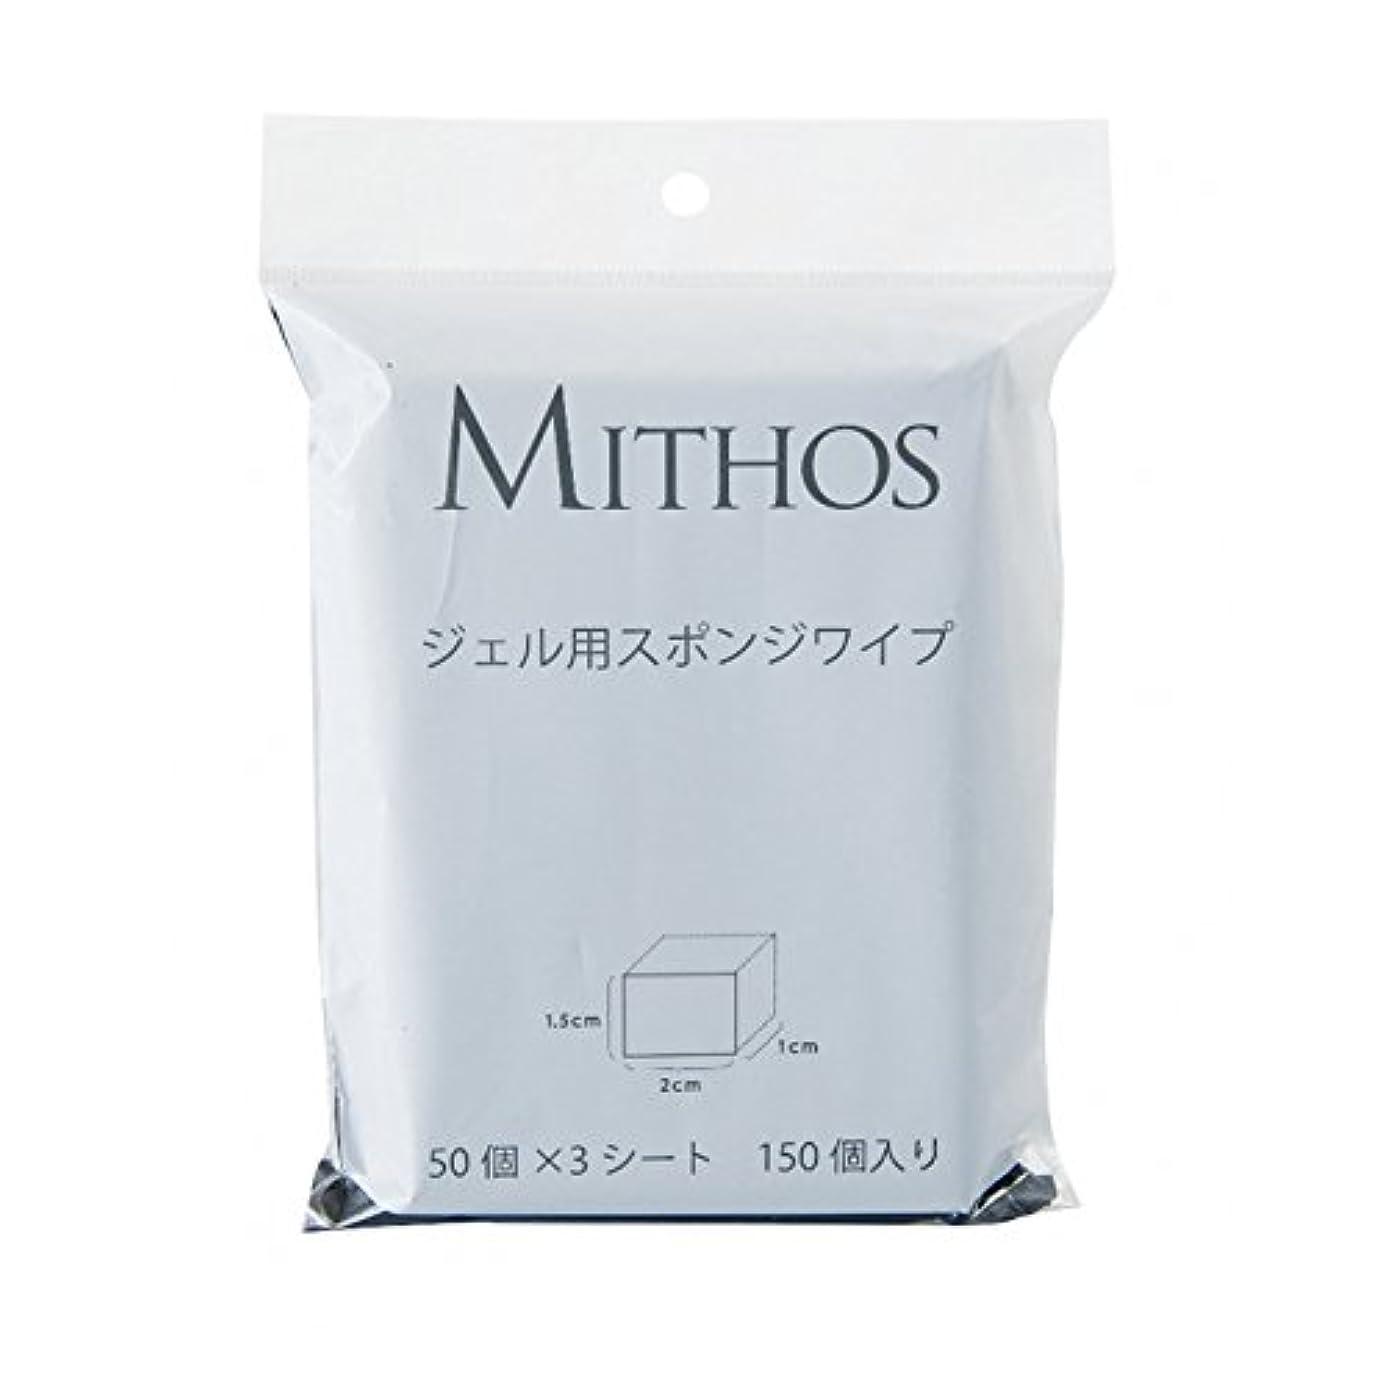 他に柔和有益MITHOS ジェル用スポンジワイプ 150P 1.5×2×1cm 50個×3シート